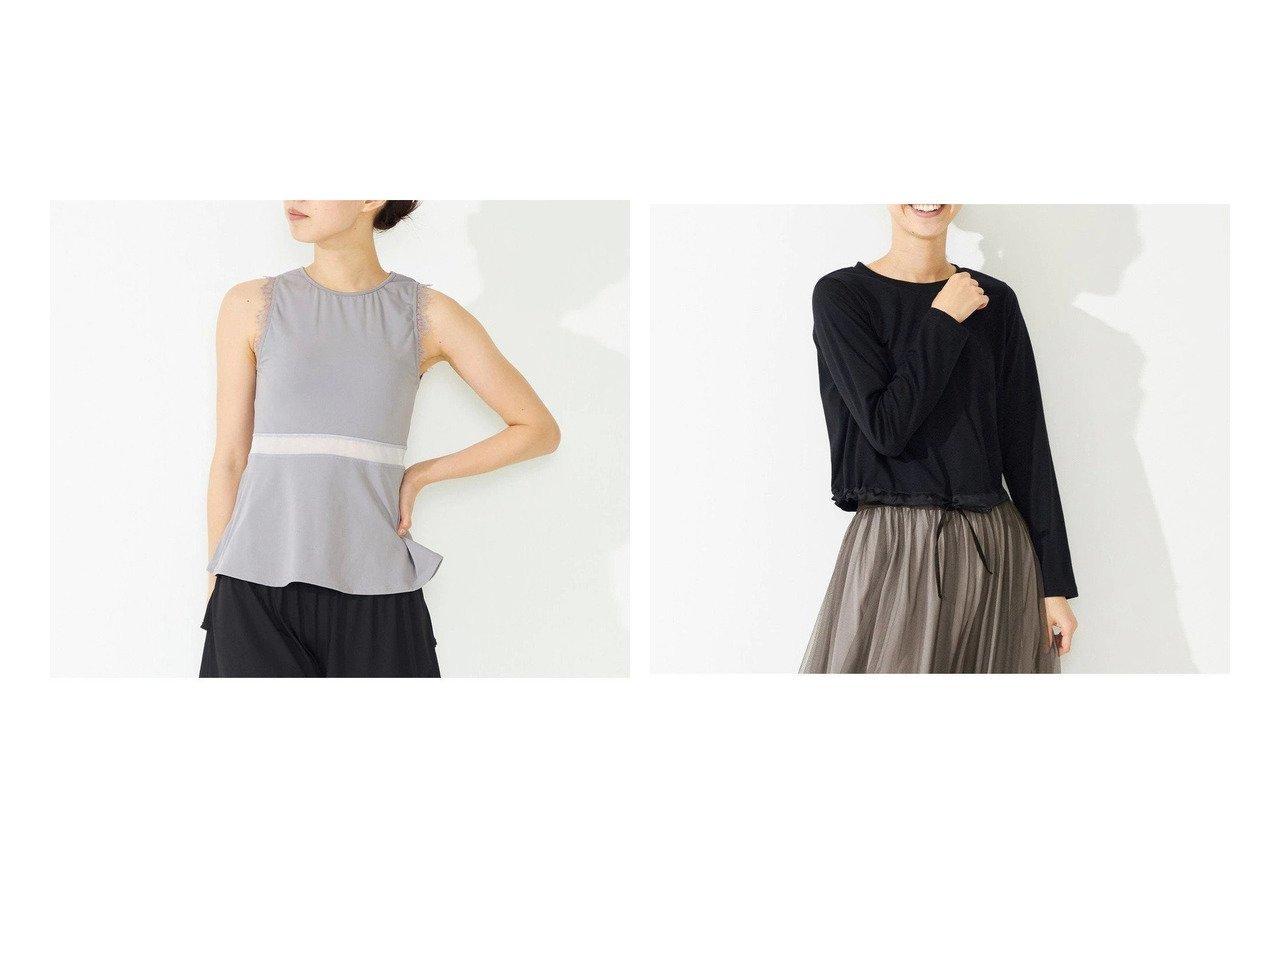 【Chacott/チャコット】のクロップドTシャツ&Aラインレースコンビトップ 【スポーツウェア・ヨガ・フィットネス・ダイエット】おすすめ!人気、トレンド・レディースファッションの通販 おすすめで人気の流行・トレンド、ファッションの通販商品 インテリア・家具・メンズファッション・キッズファッション・レディースファッション・服の通販 founy(ファニー) https://founy.com/ ファッション Fashion レディースファッション WOMEN トップス・カットソー Tops/Tshirt シャツ/ブラウス Shirts/Blouses ロング / Tシャツ T-Shirts インド クロップド サテン シルク ストレッチ パイピング フィット おすすめ Recommend コンビ 抗菌 シアー セットアップ パウダー フェミニン レギンス レース 夏 Summer  ID:crp329100000071774